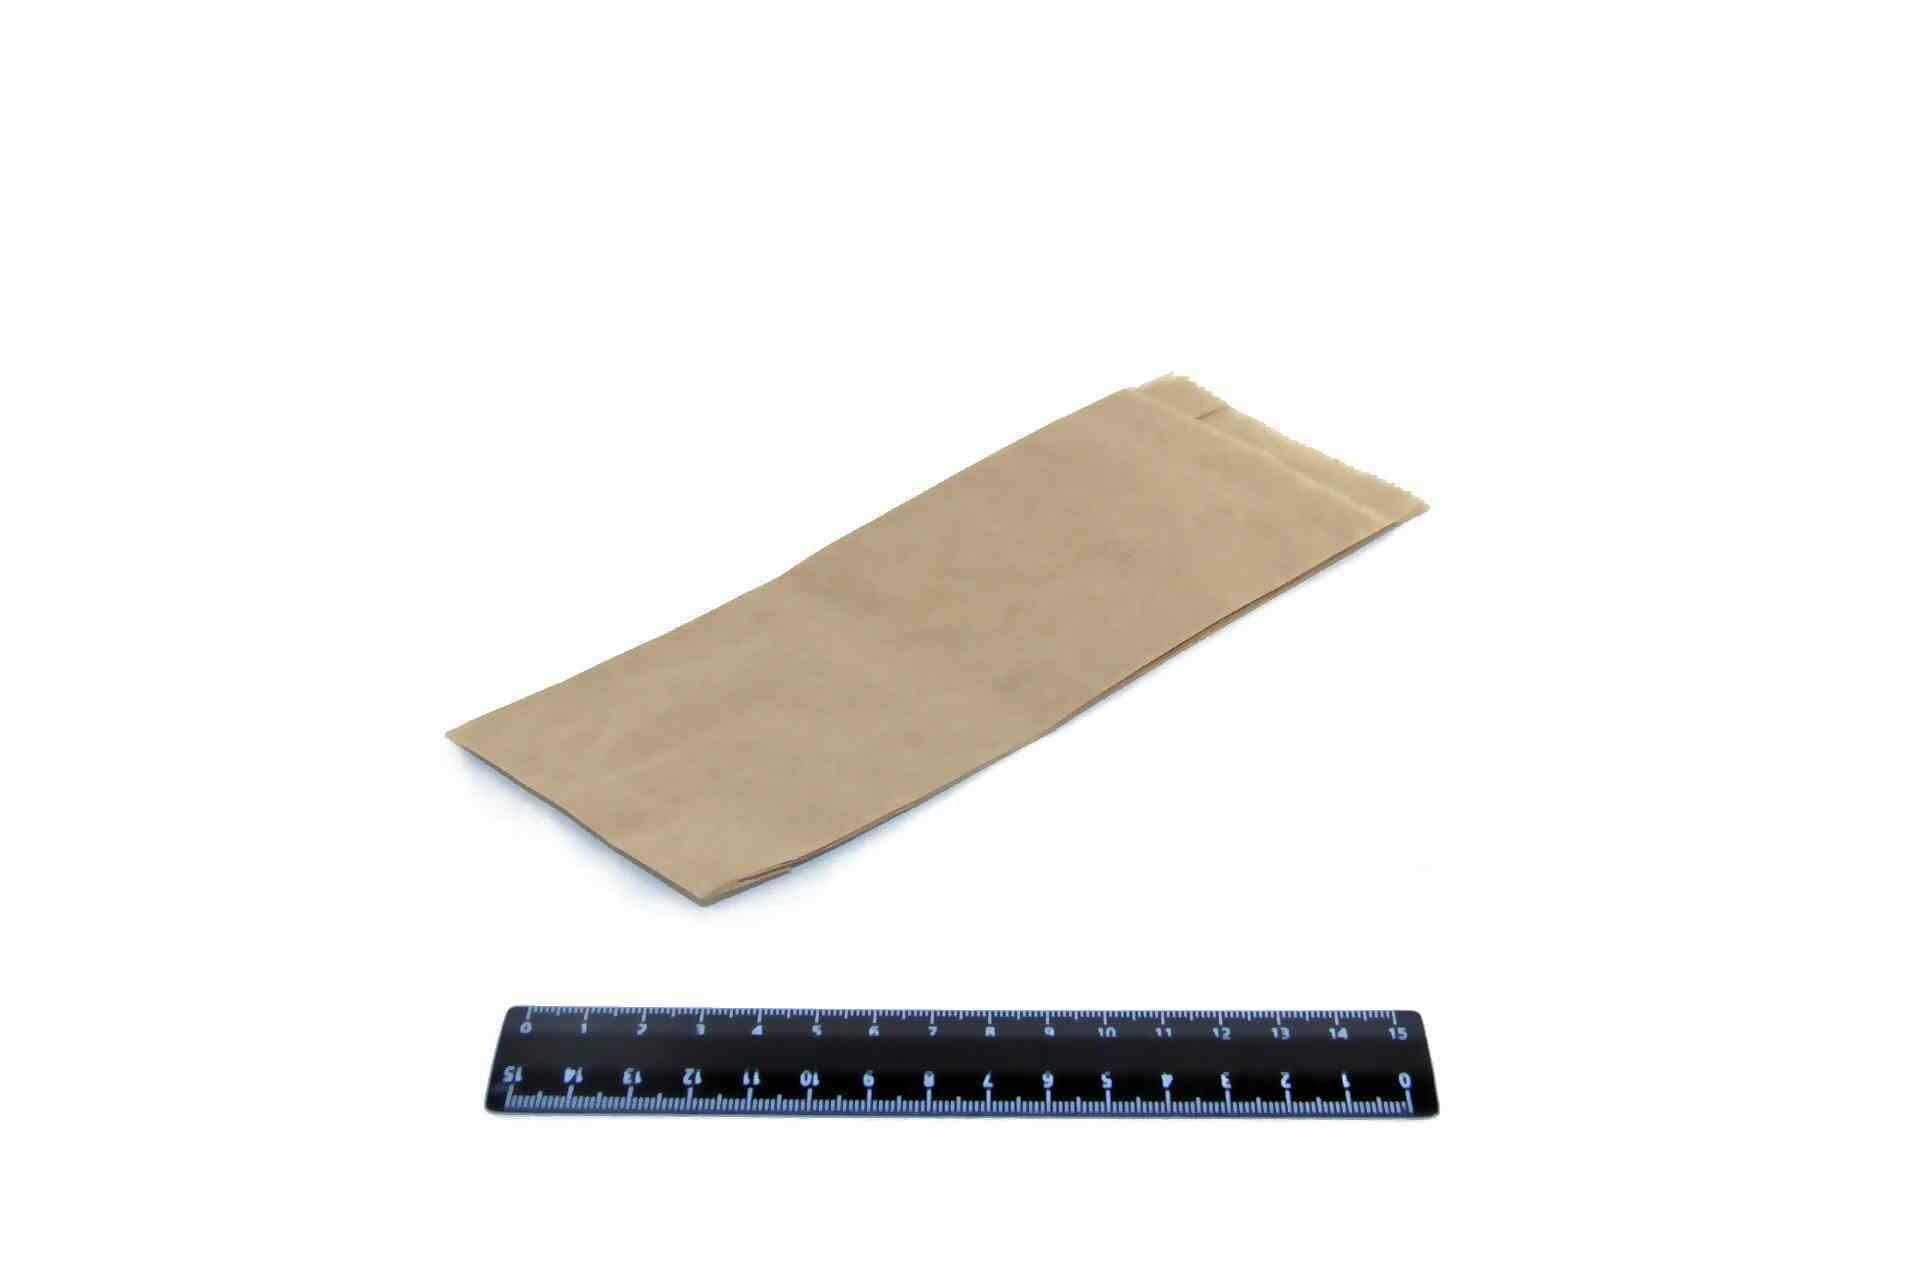 Пакет бумажный Крафт 210*80*35мм (100шт).3830/2К0